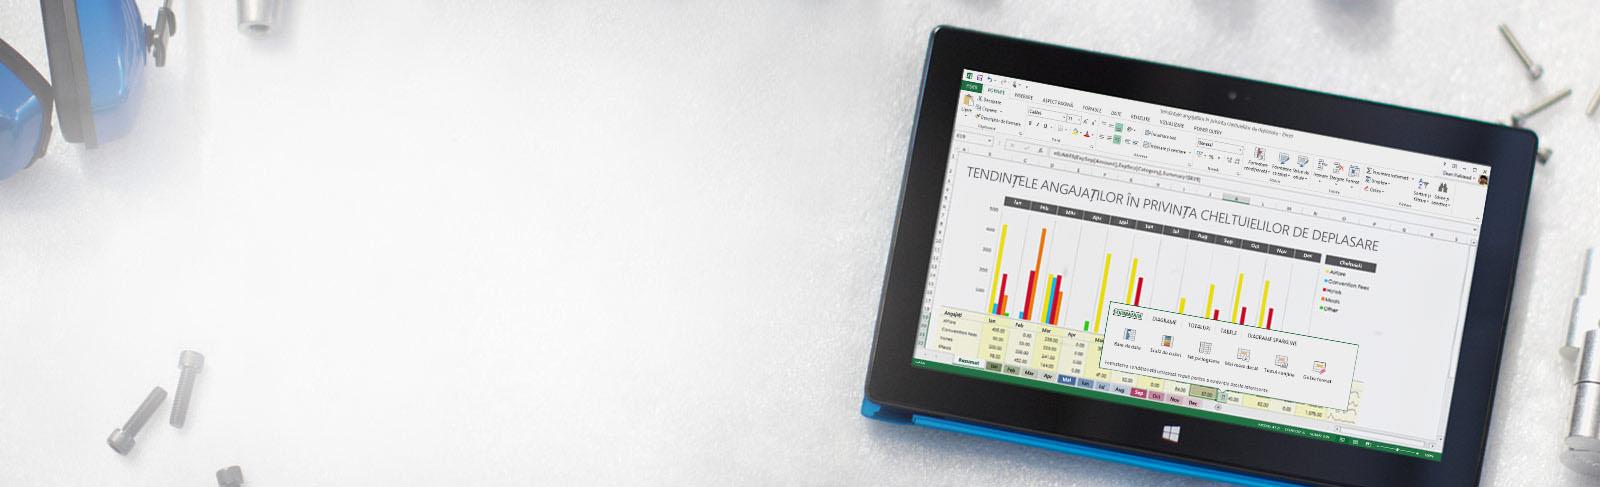 Office 365 - instrumente de business pe care puteți să vă bazați. Oricând și oriunde.